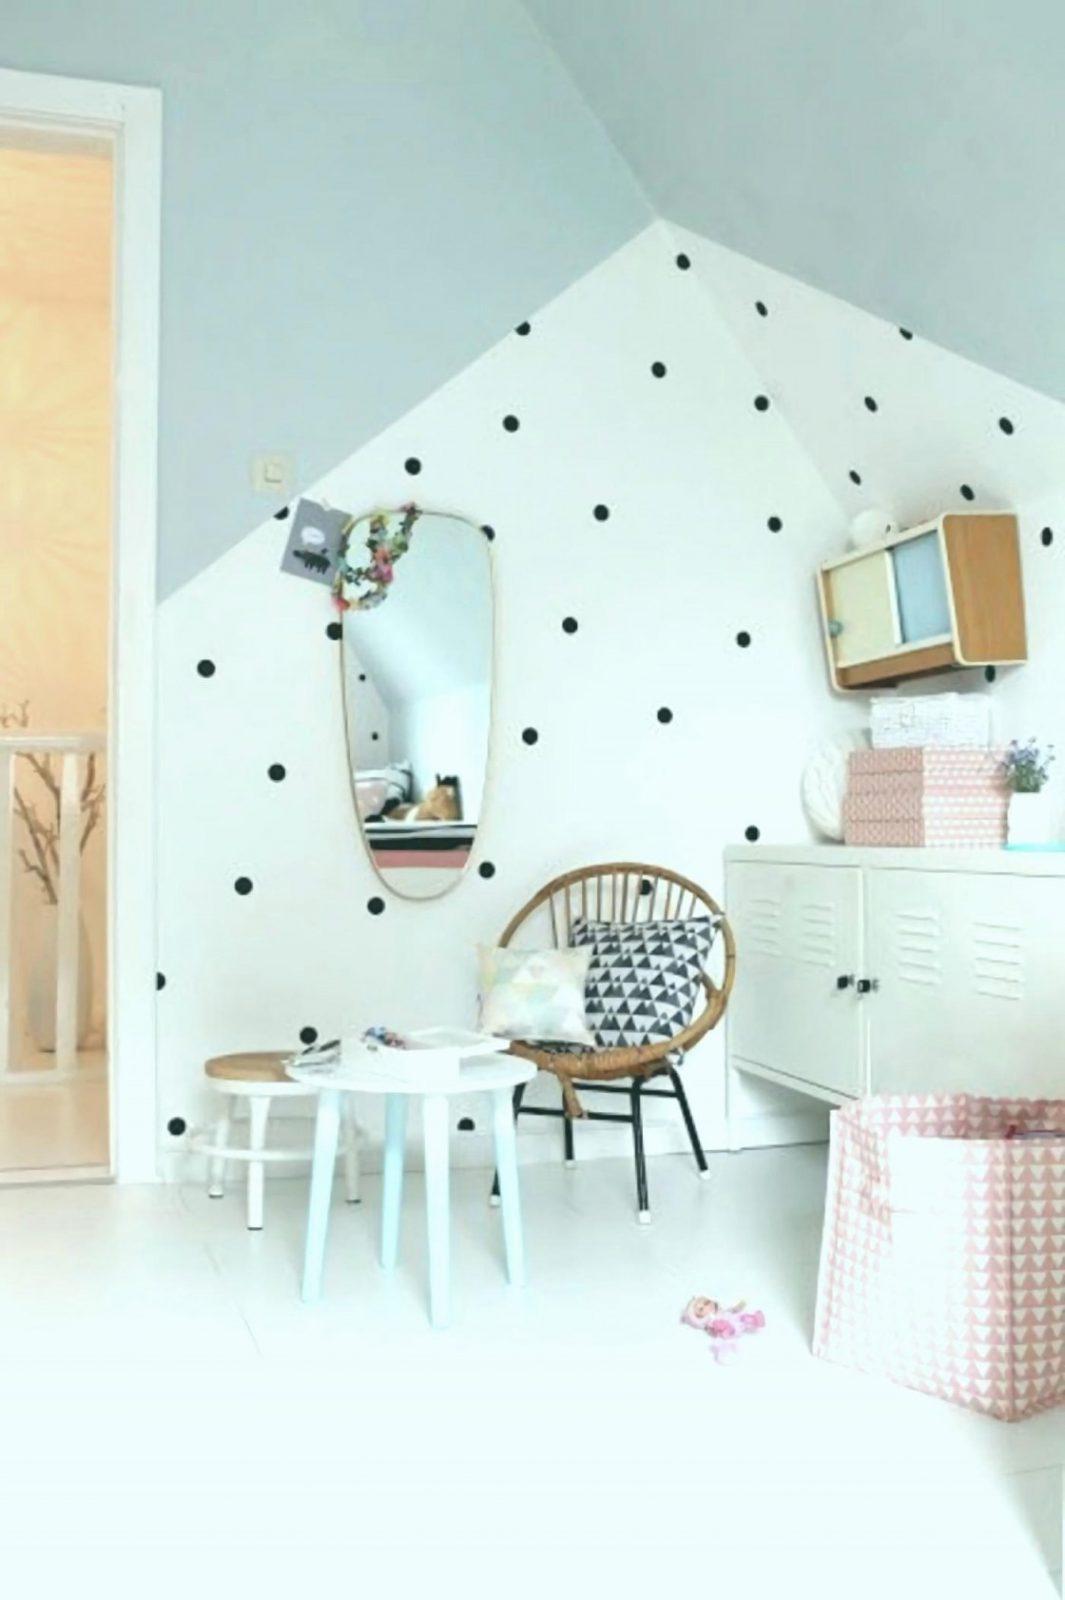 Tapete Jugendzimmer Mädchen  Kindermöbel Design  Kindermöbel Design von Tapeten Für Jugendzimmer Mädchen Bild